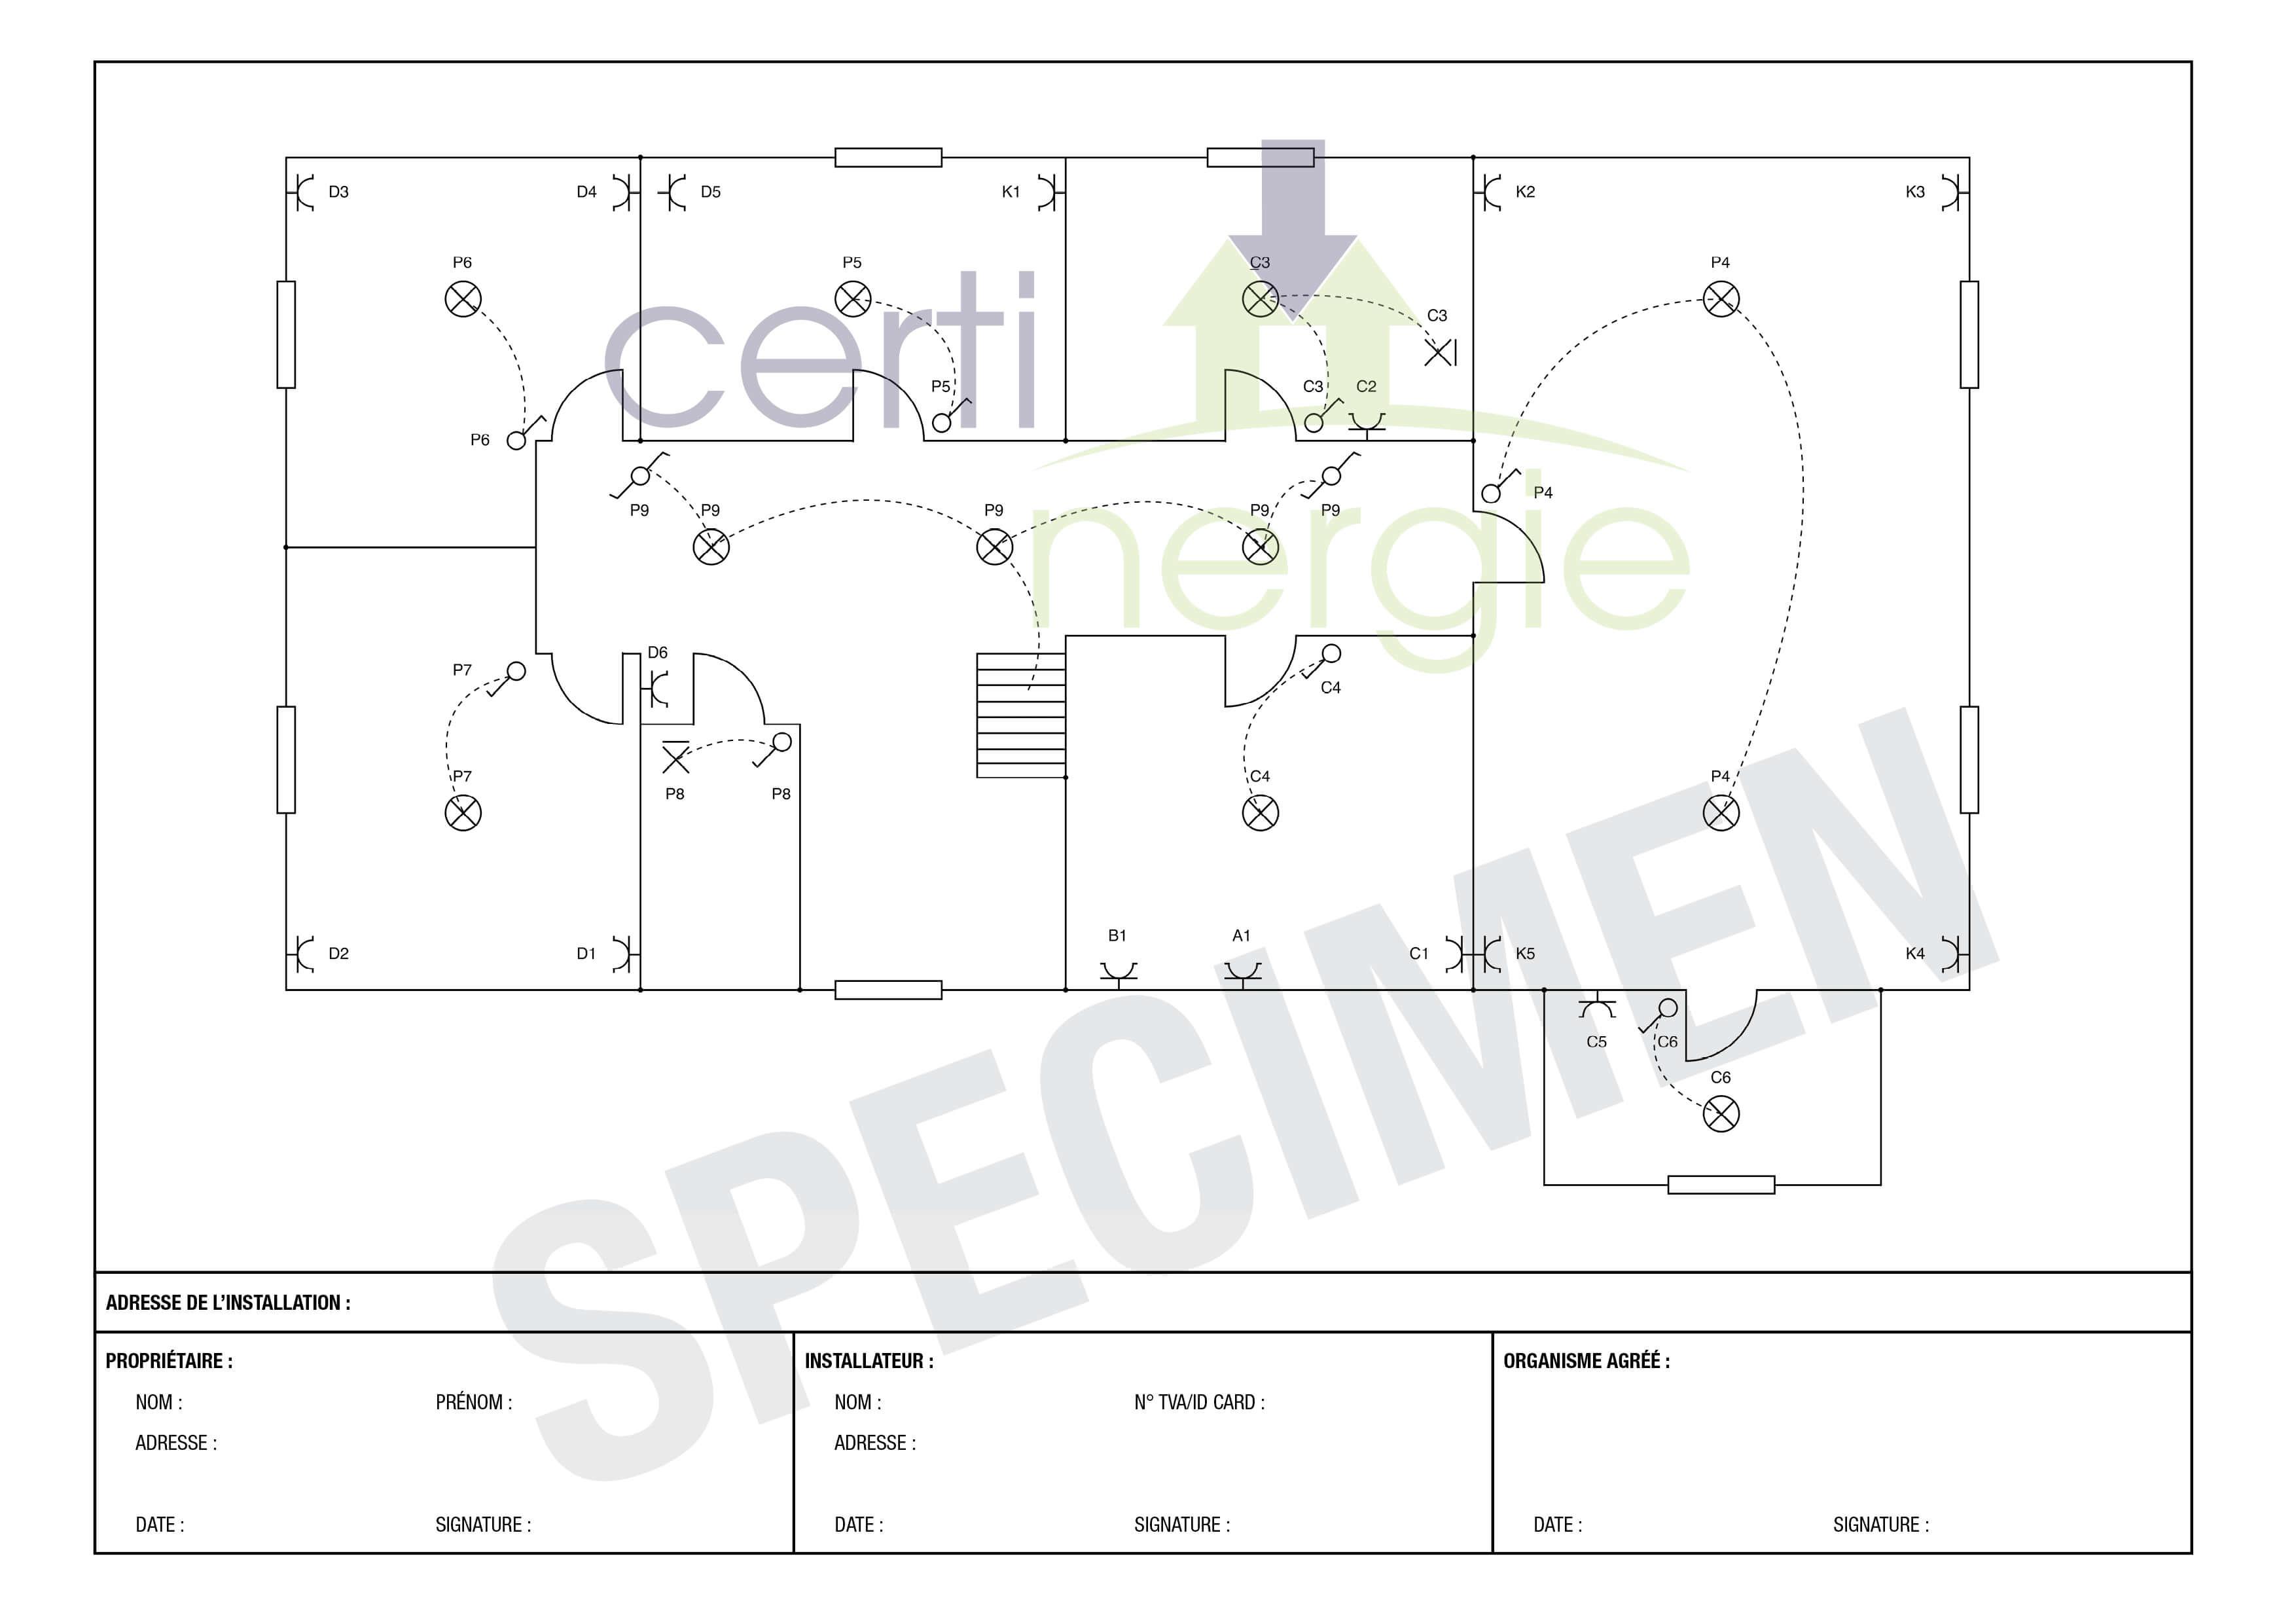 Reception lectrique controle lectrique lisez notre guide n 1 qualit r - Controle electrique maison ...